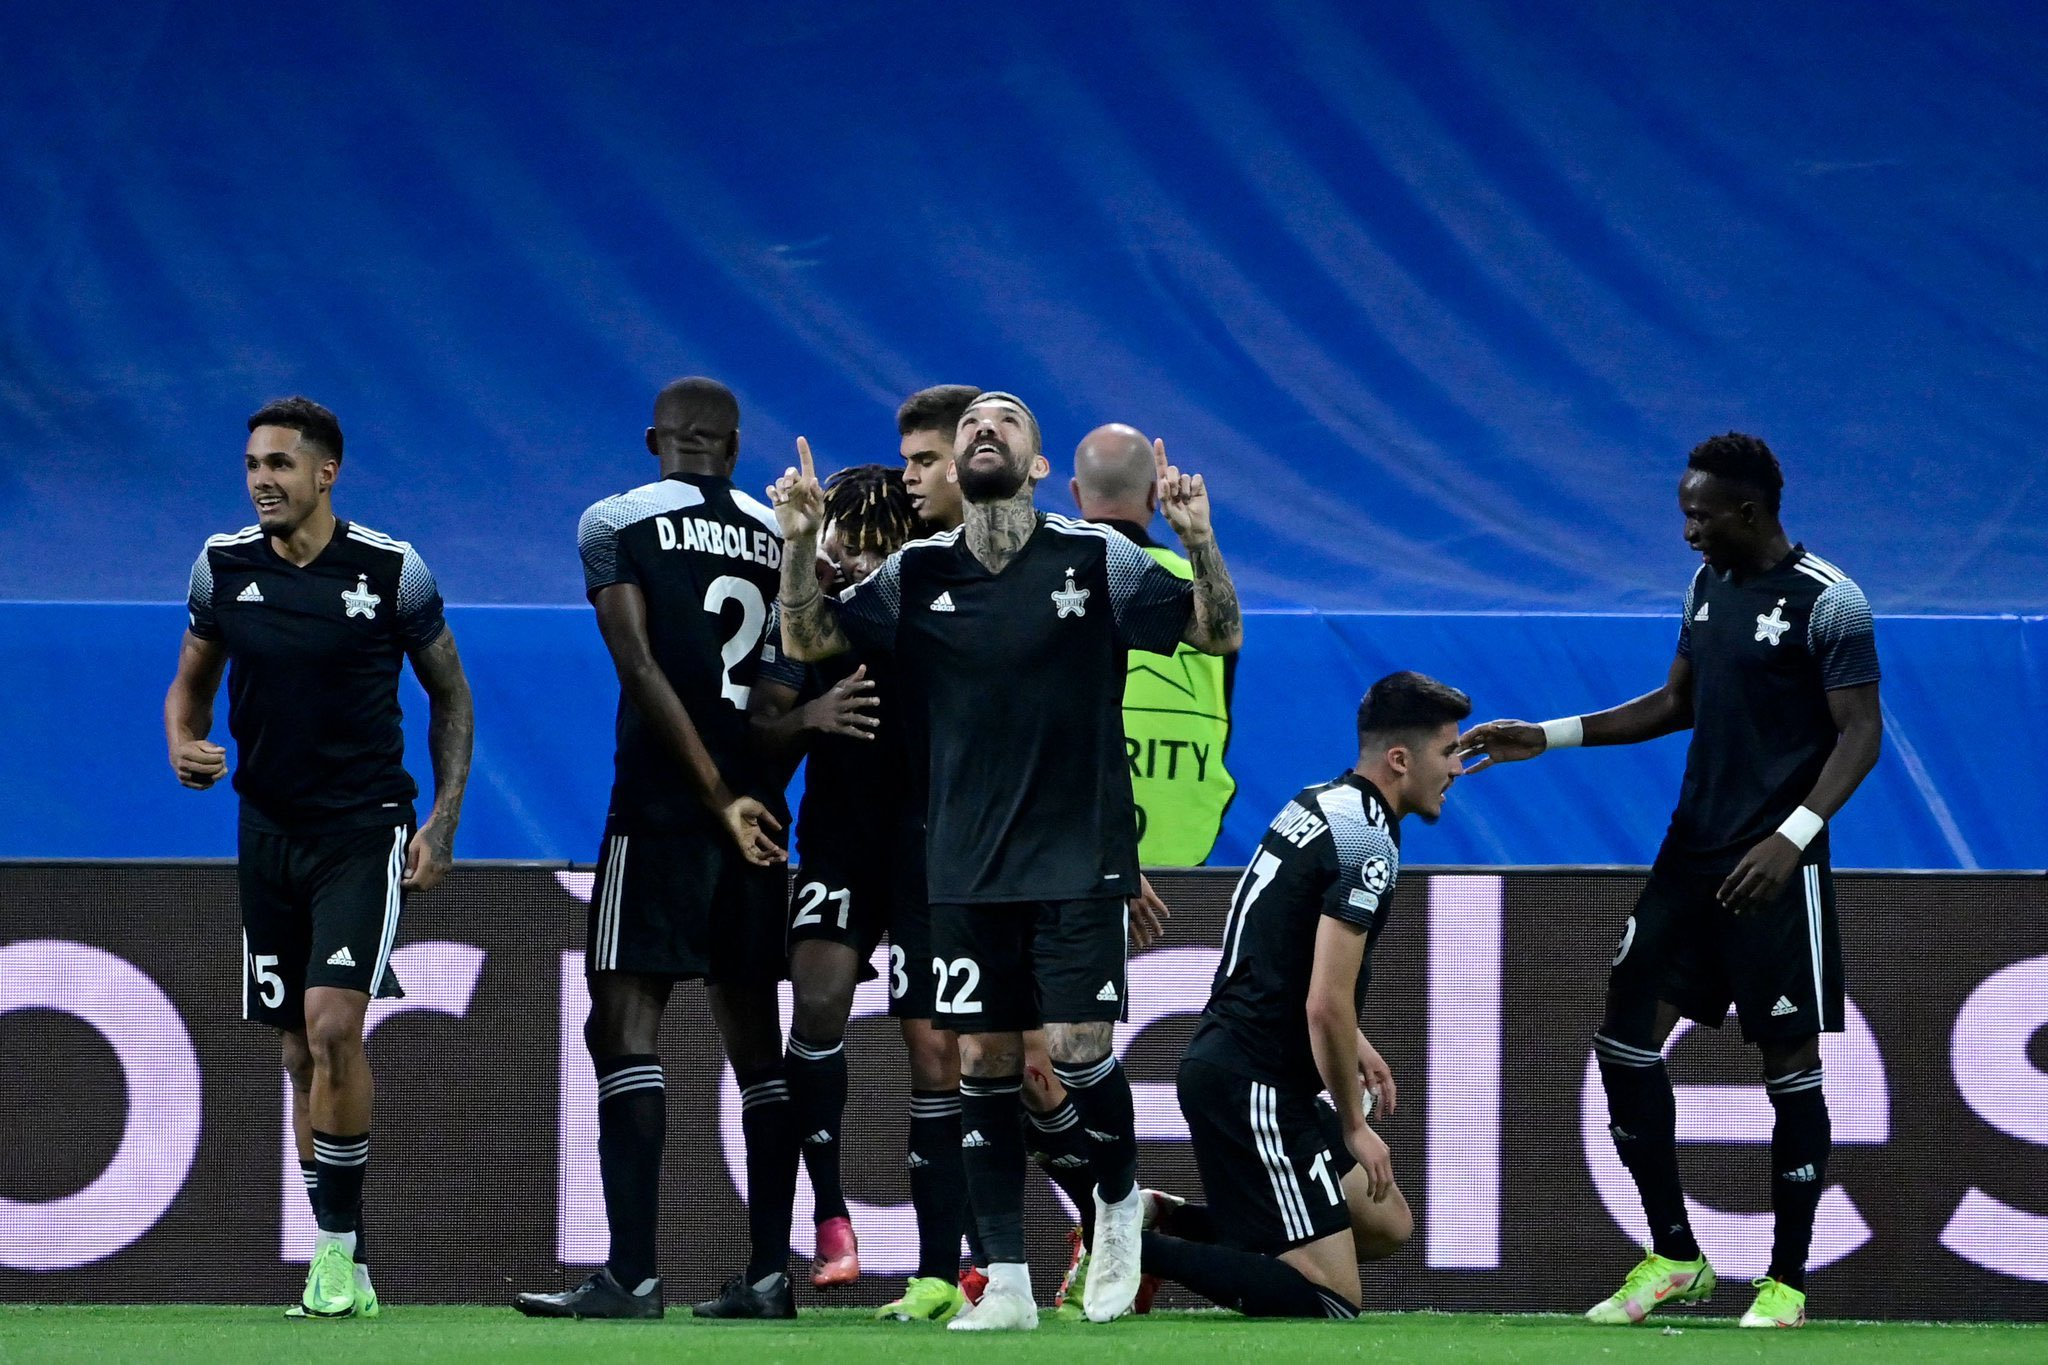 Futebol: Sheriff choca o Real Madrid no grupo da Liga dos Campeões